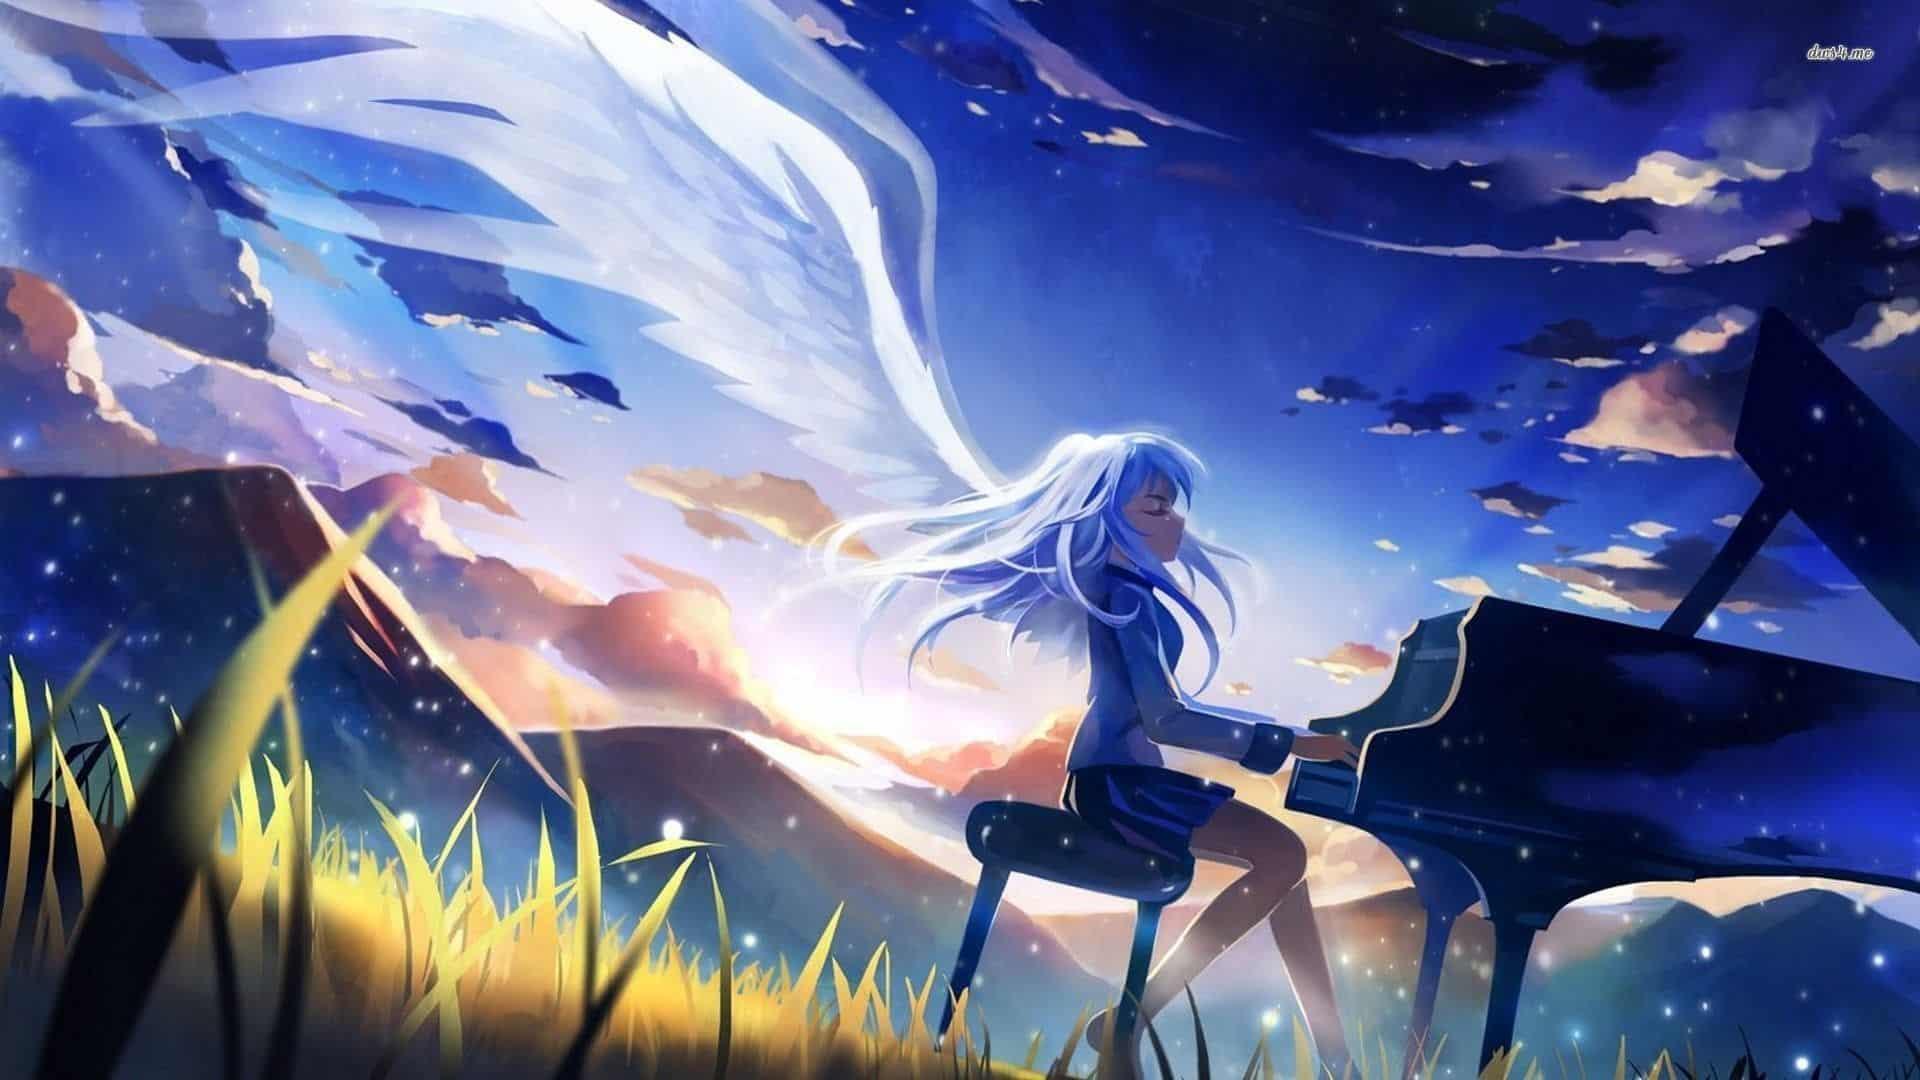 Trilhas sonoras: dos animes aos games, músicas boas demais para ser verdade, vem curtir!